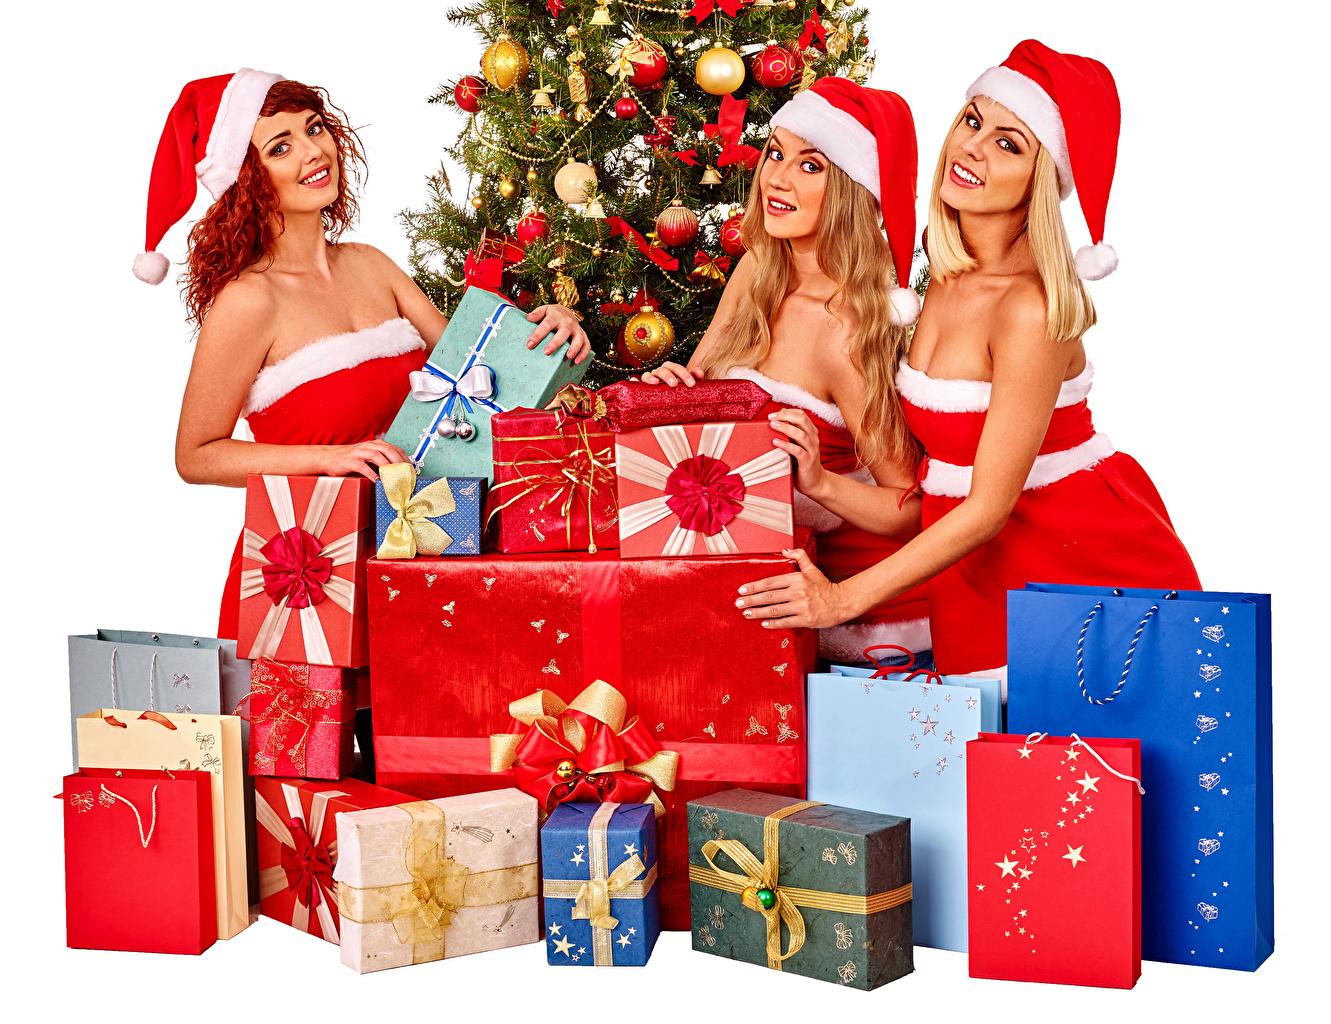 Картинка Новый год Улыбка шапка Девушки Подарки Трое 3 Униформа Рождество улыбается Шапки в шапке девушка молодые женщины молодая женщина подарок подарков три втроем униформе